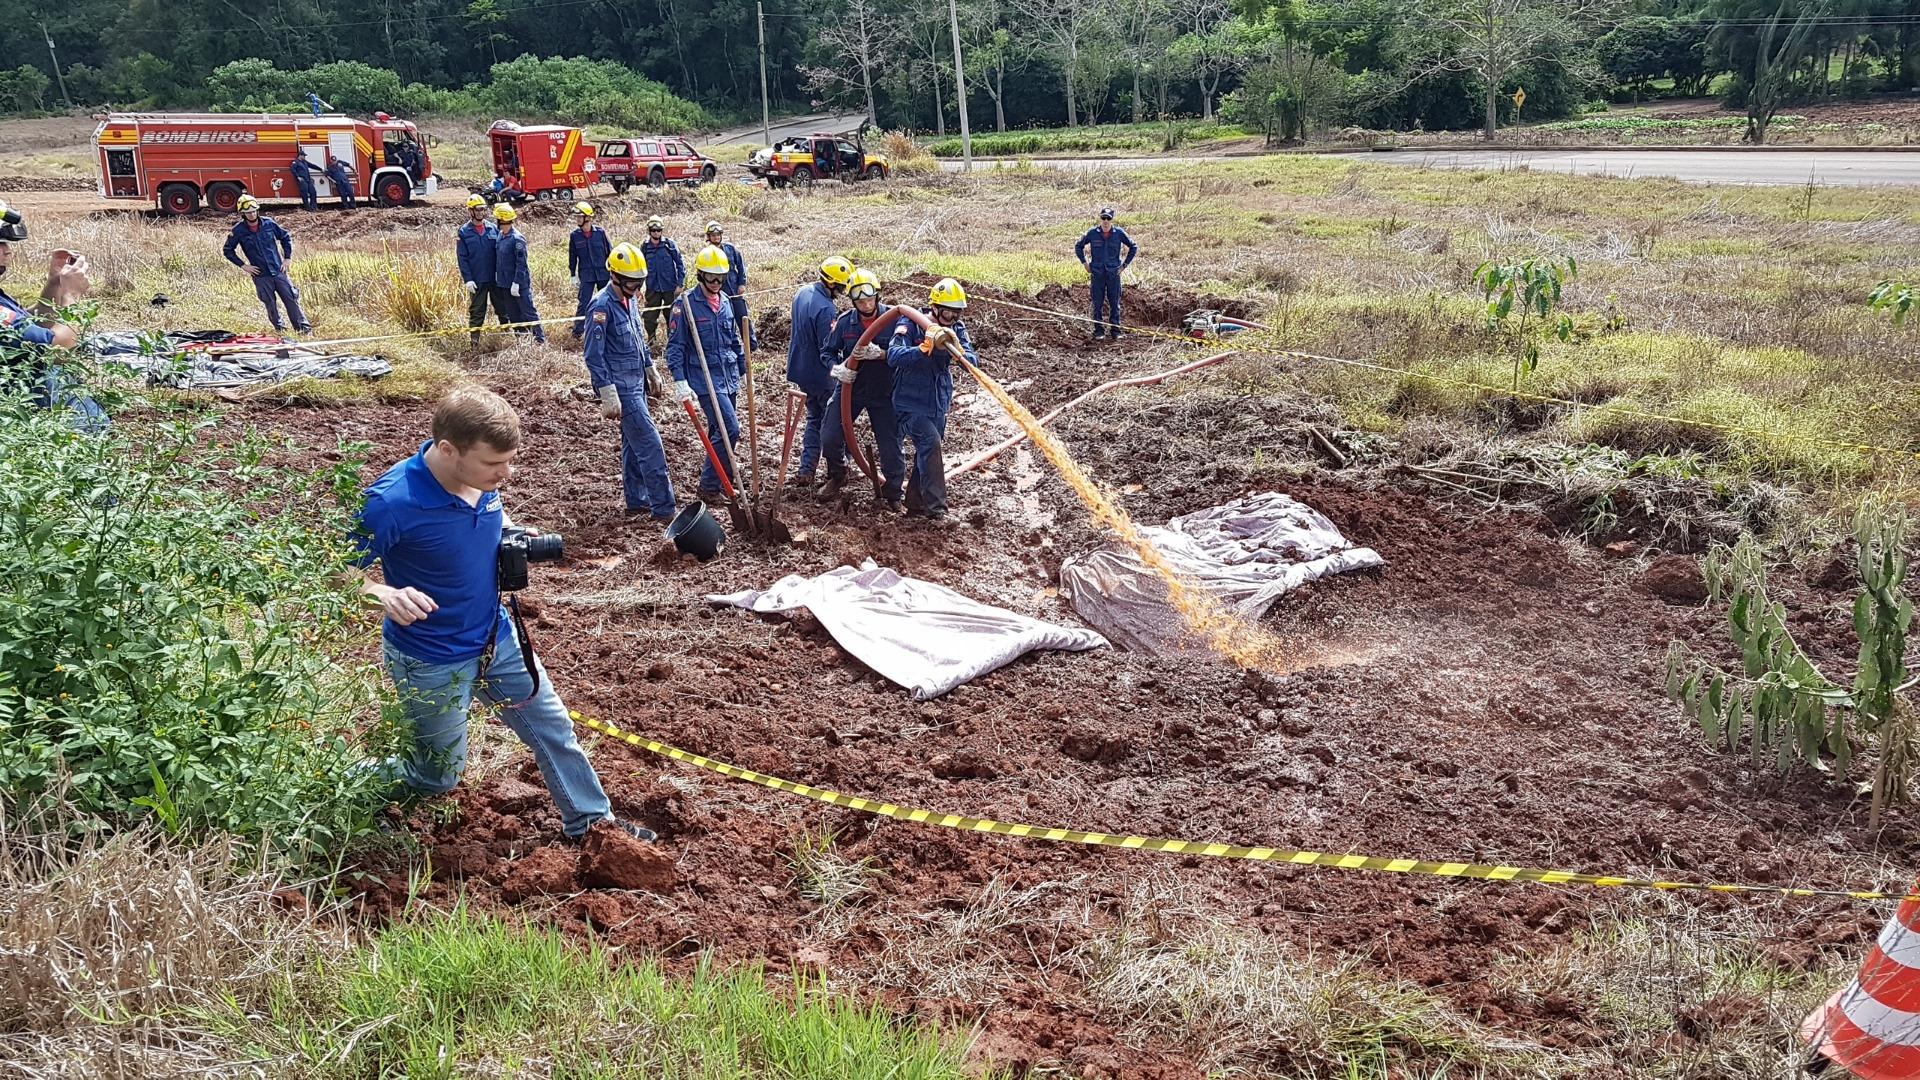 Força Tarefa dos Bombeiros realiza treinamento em São Joao do Oeste